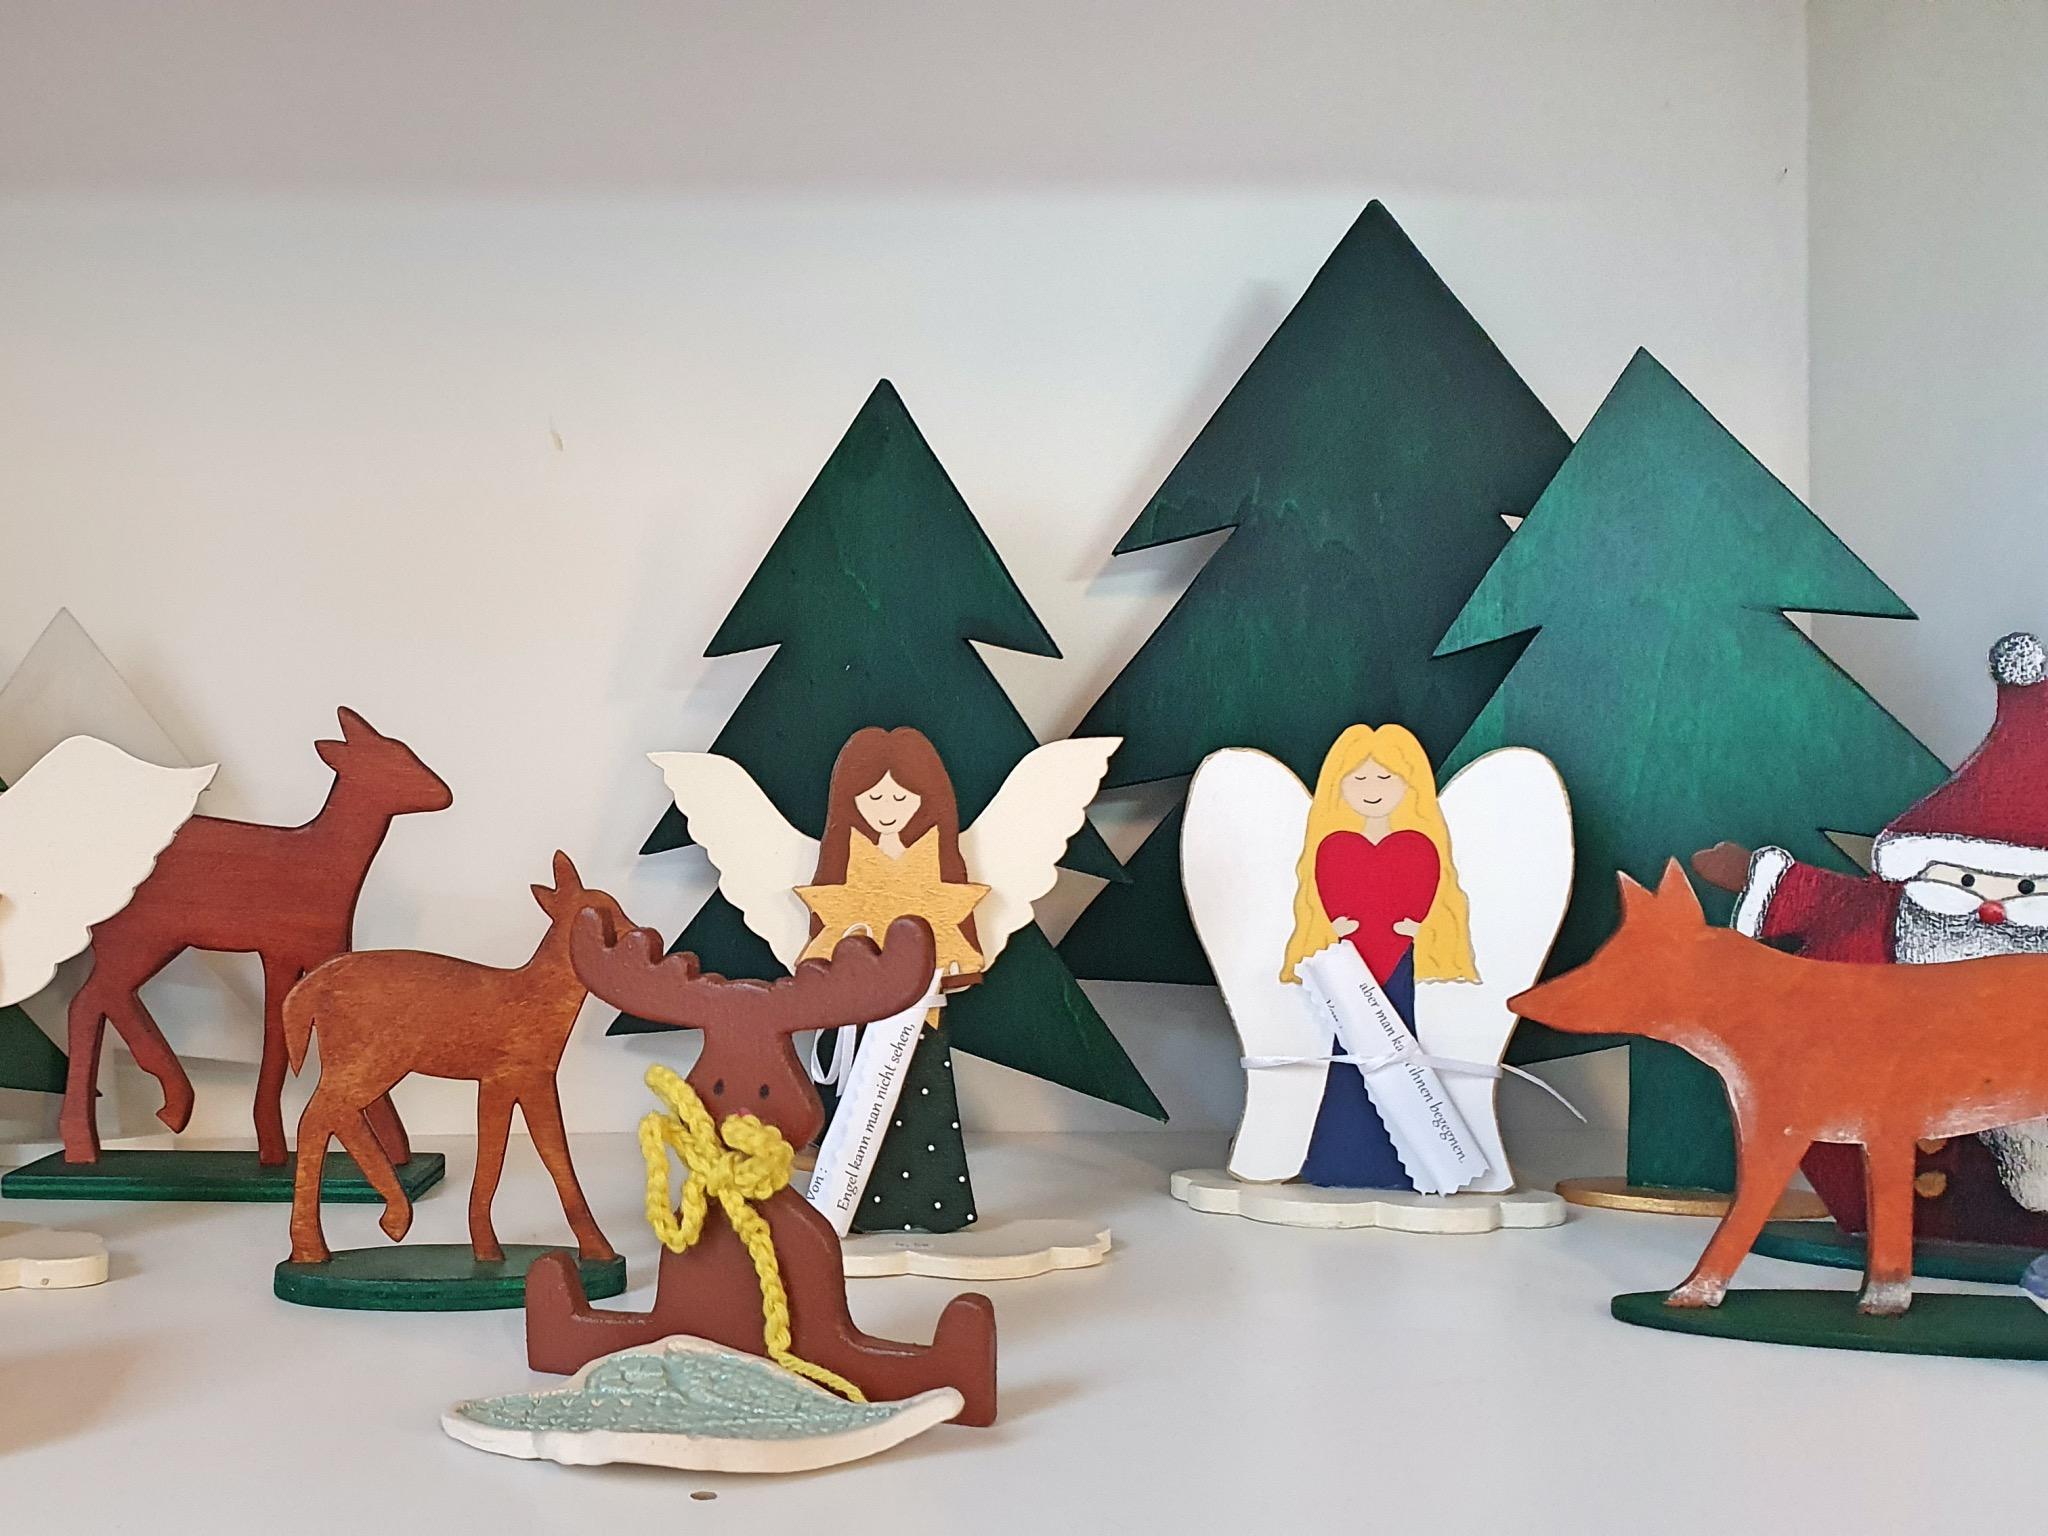 Schöne weihnachtliche Handarbeiten aus der kreativen Holzwerkstatt – jetzt auch per Post! Foto: Theresa Hägler